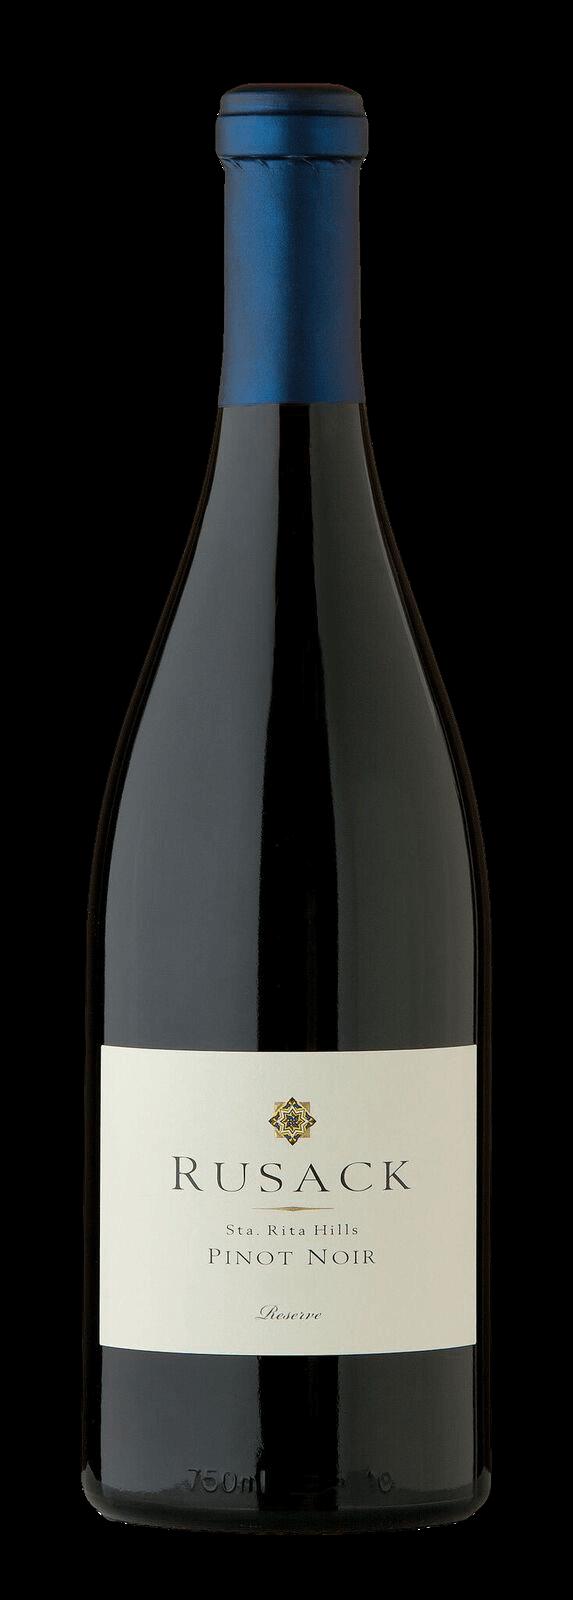 Rusack Vineyards Pinot Noir Santa Rita Hills Reserve Bottleshot